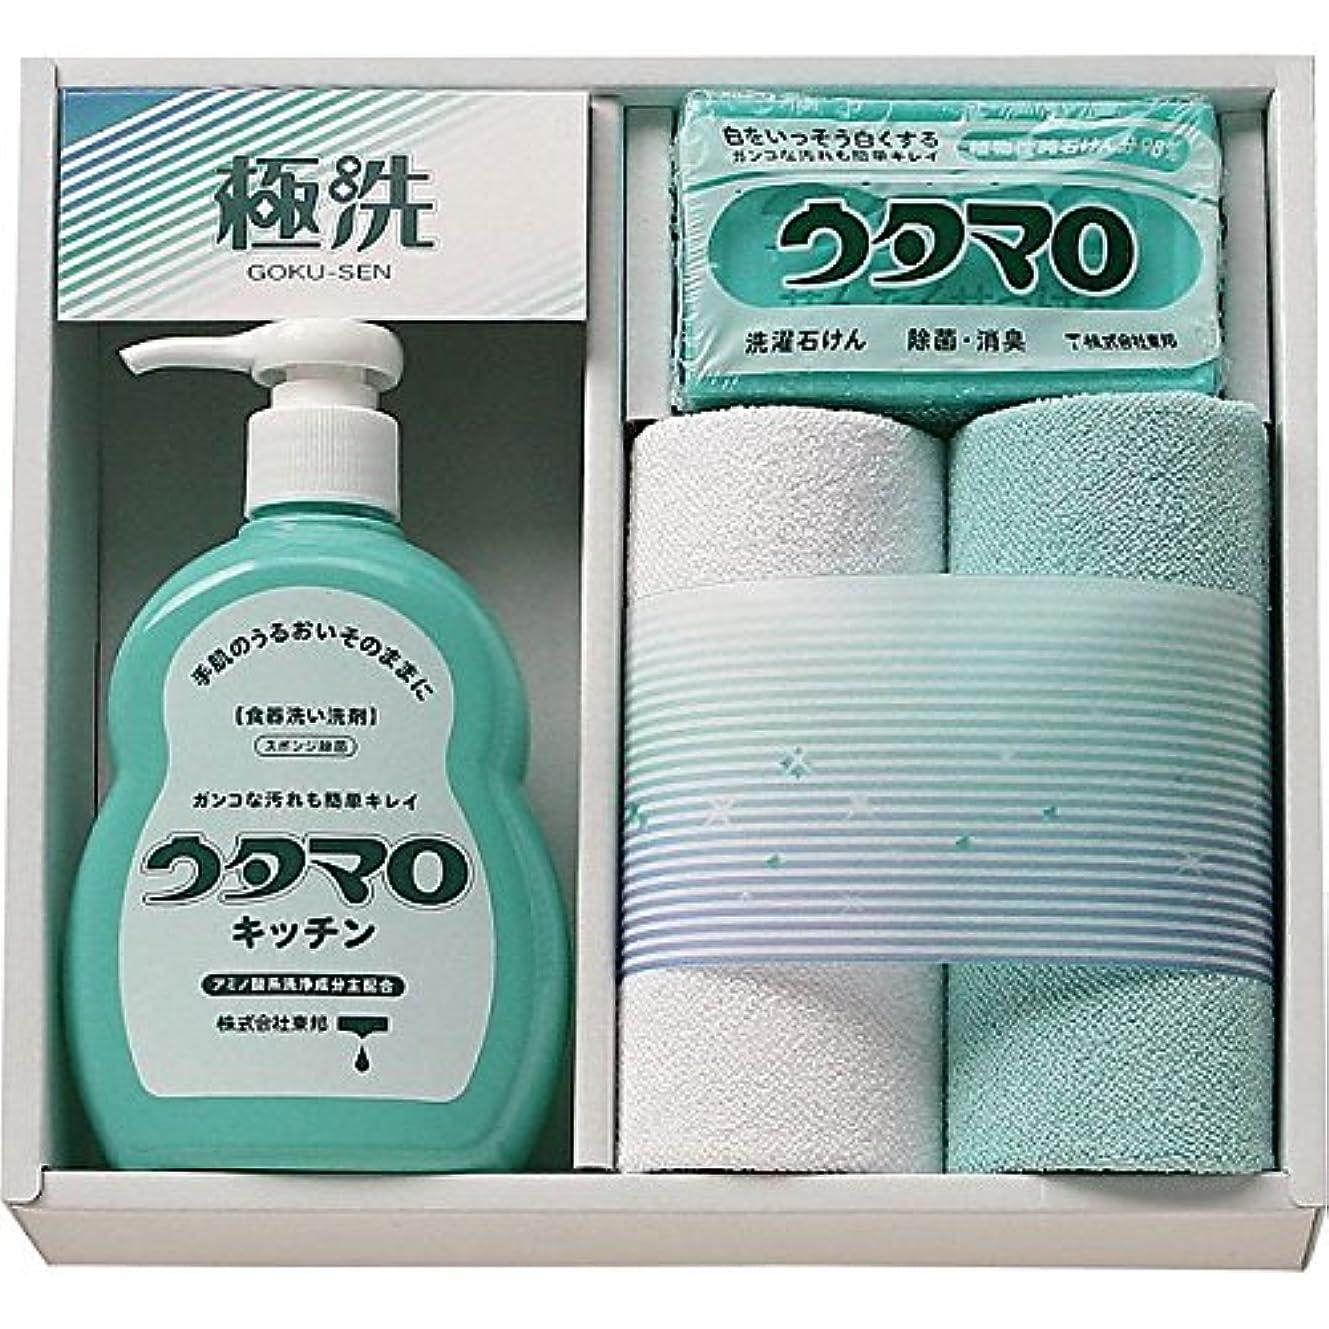 薬理学評価する資本( ウタマロ ) 石鹸?キッチン洗剤ギフト ( 835-1054r )